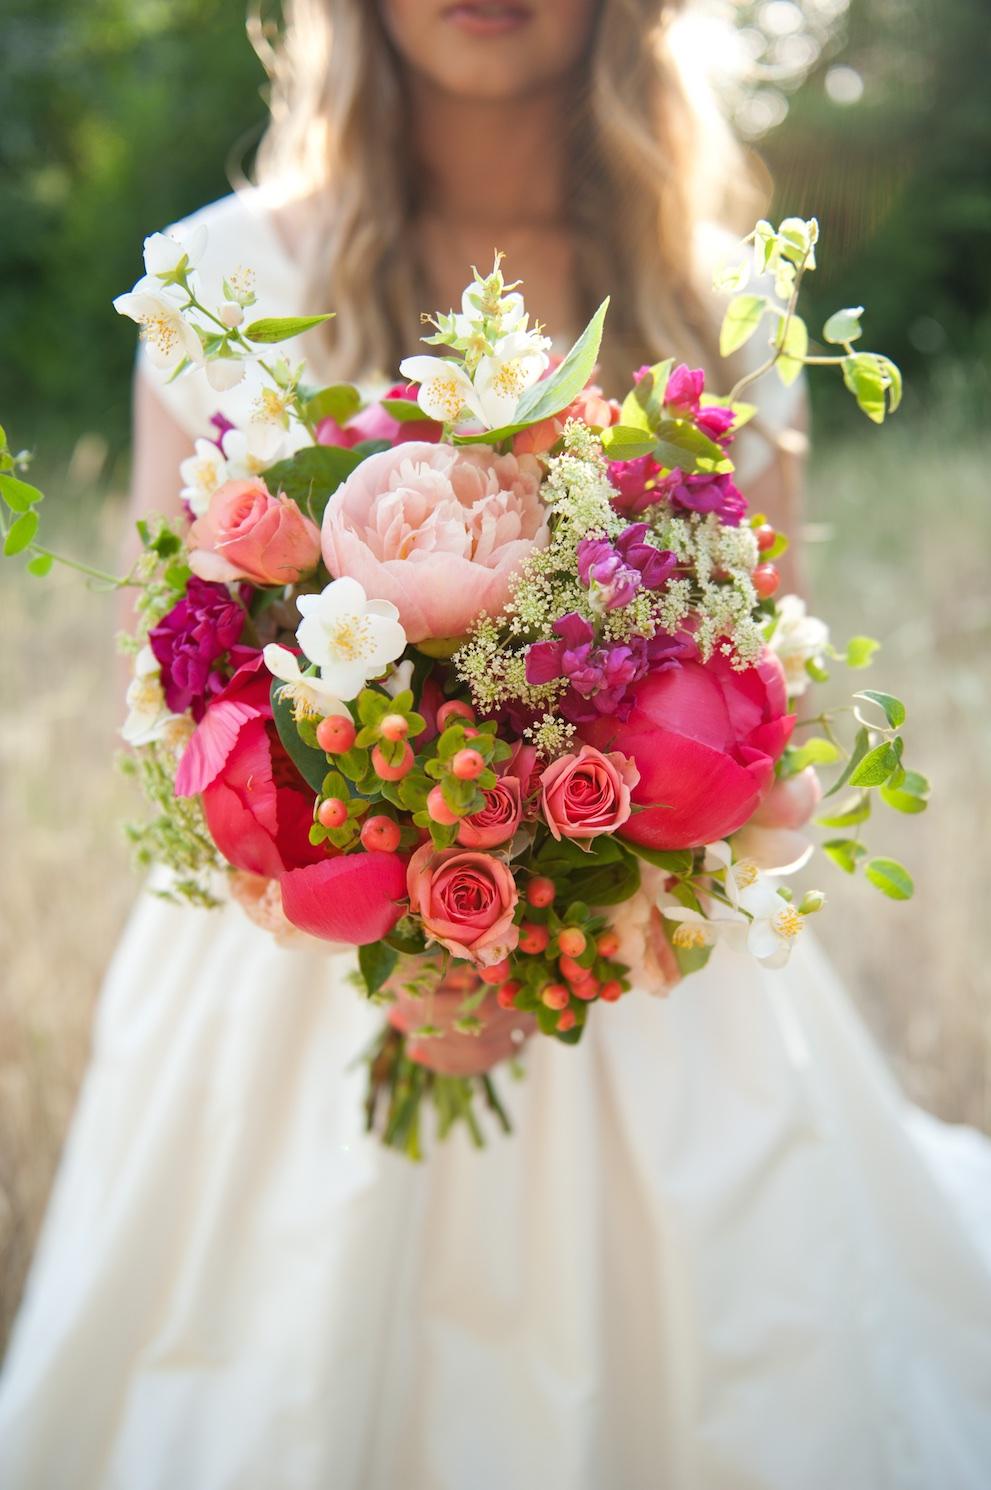 modnye-tendencii-svadebnoj-mody-37